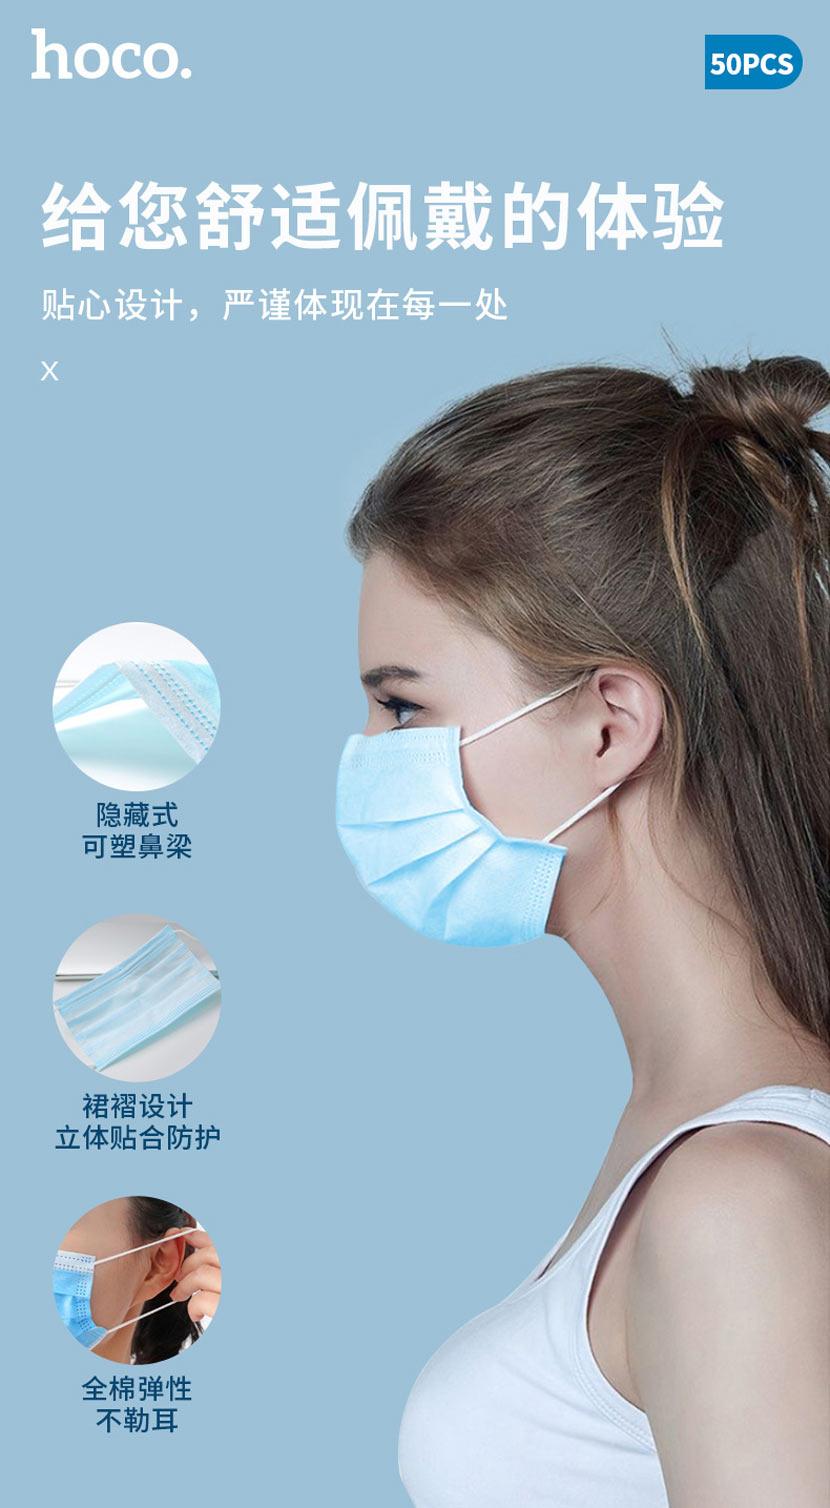 浩酷 新闻 一次性使用防护口罩 用 cn